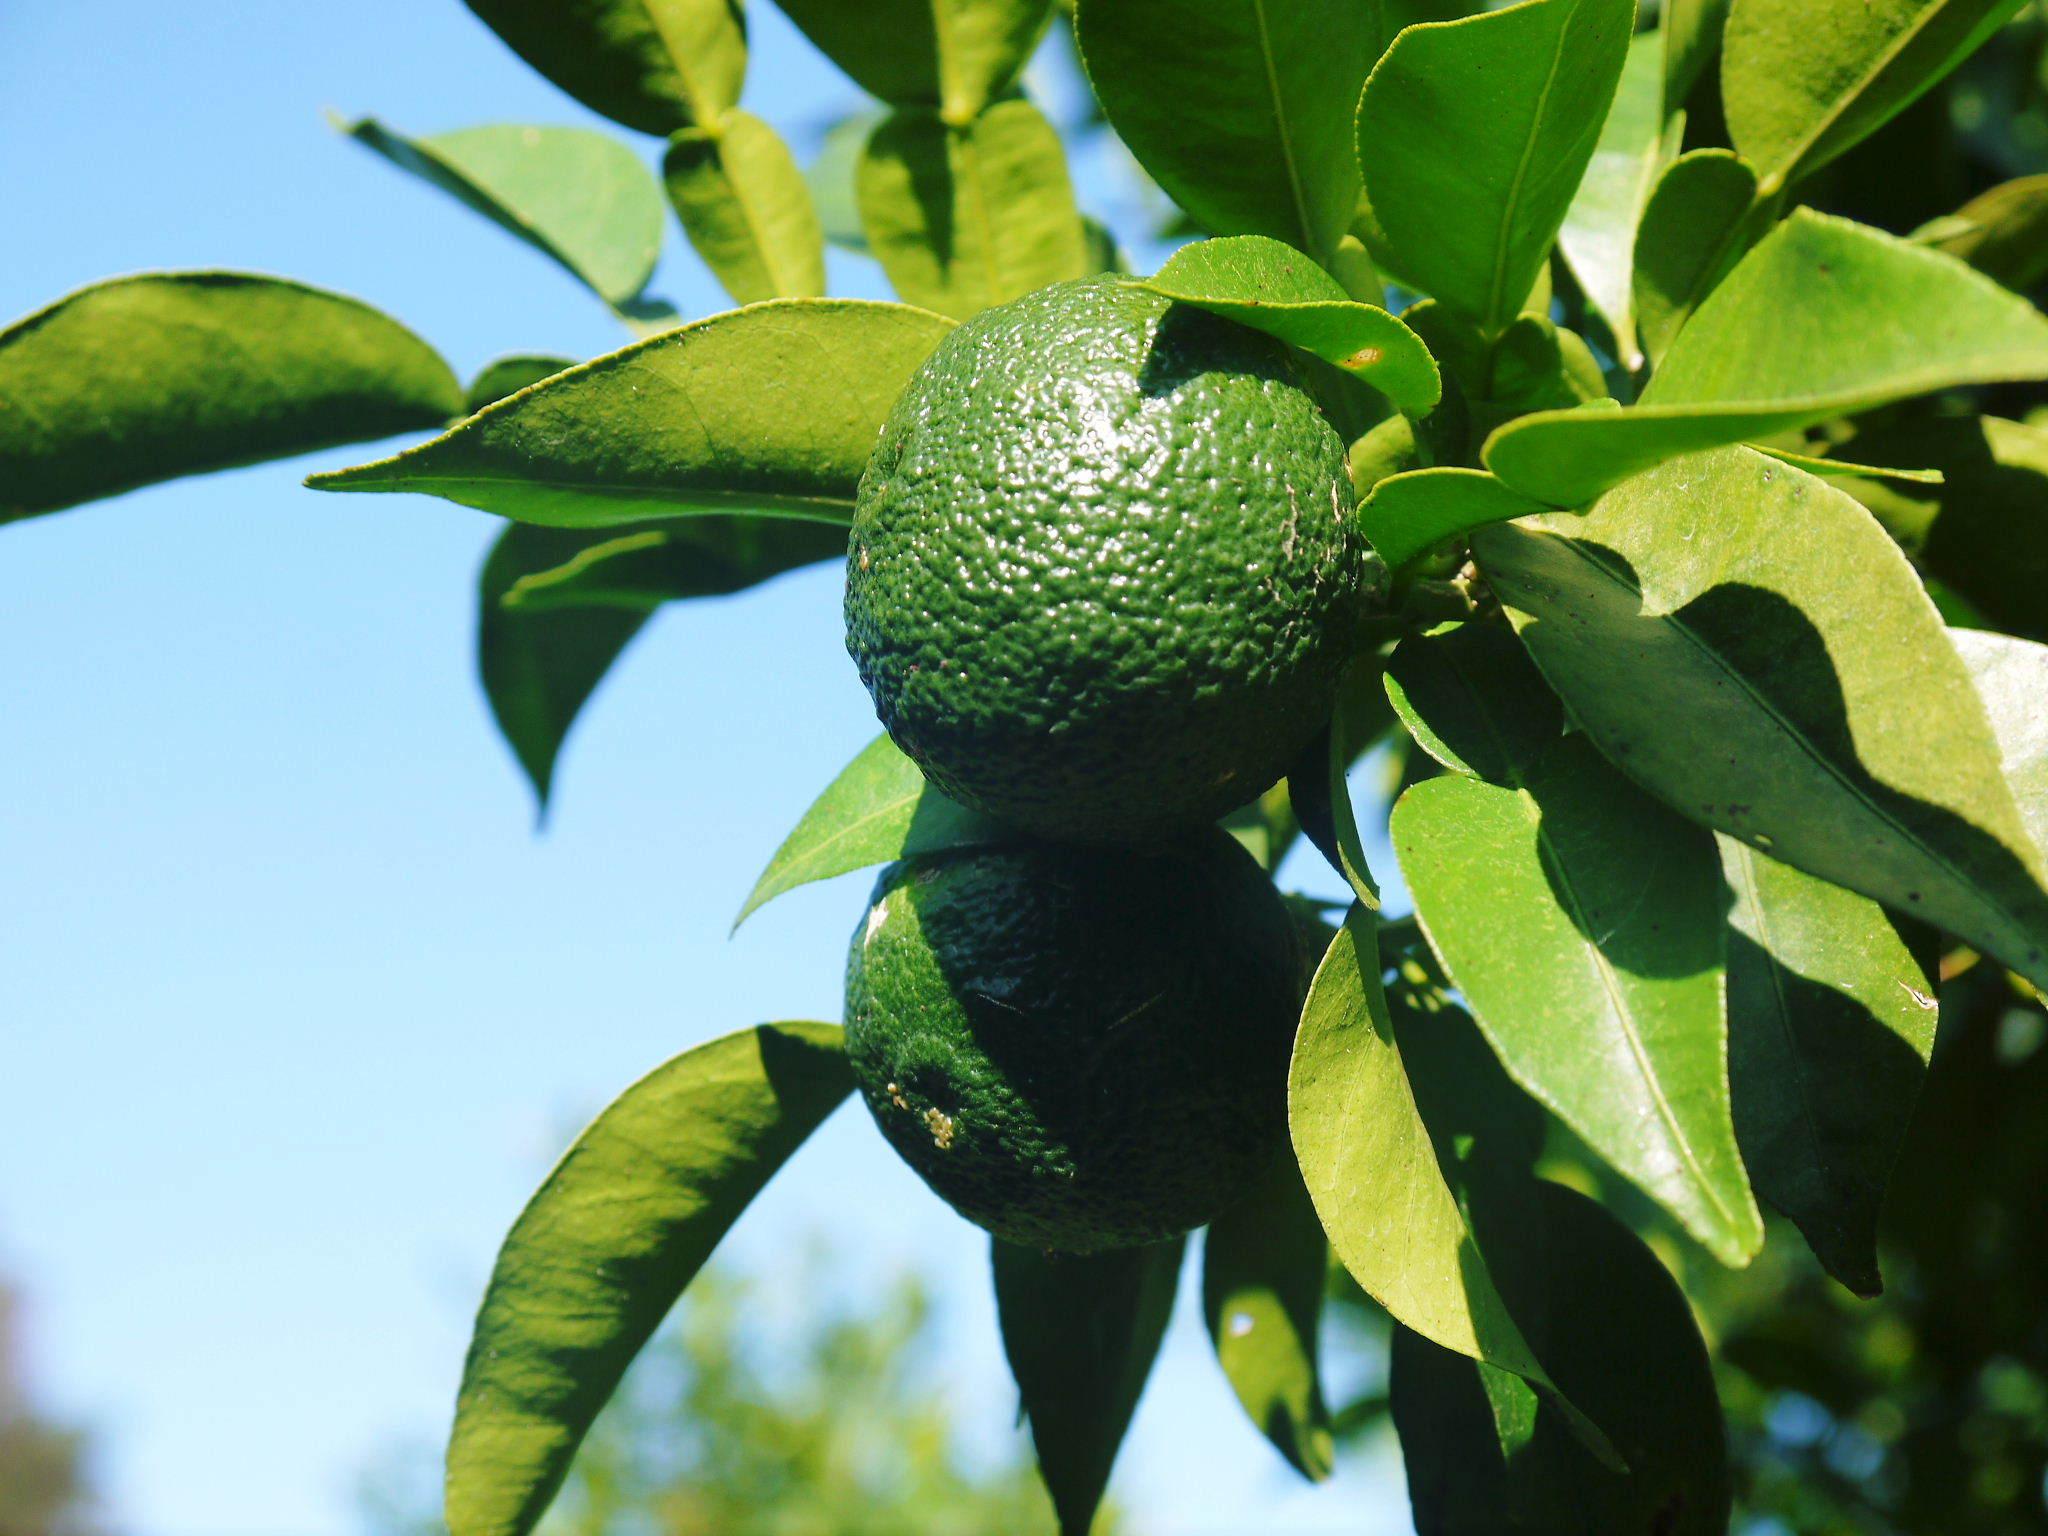 香り高き柚子(ゆず)令和2年の青柚子は9月中旬より出荷予定!今のうち青唐辛子を購入しておいて下さい!_a0254656_18073816.jpg